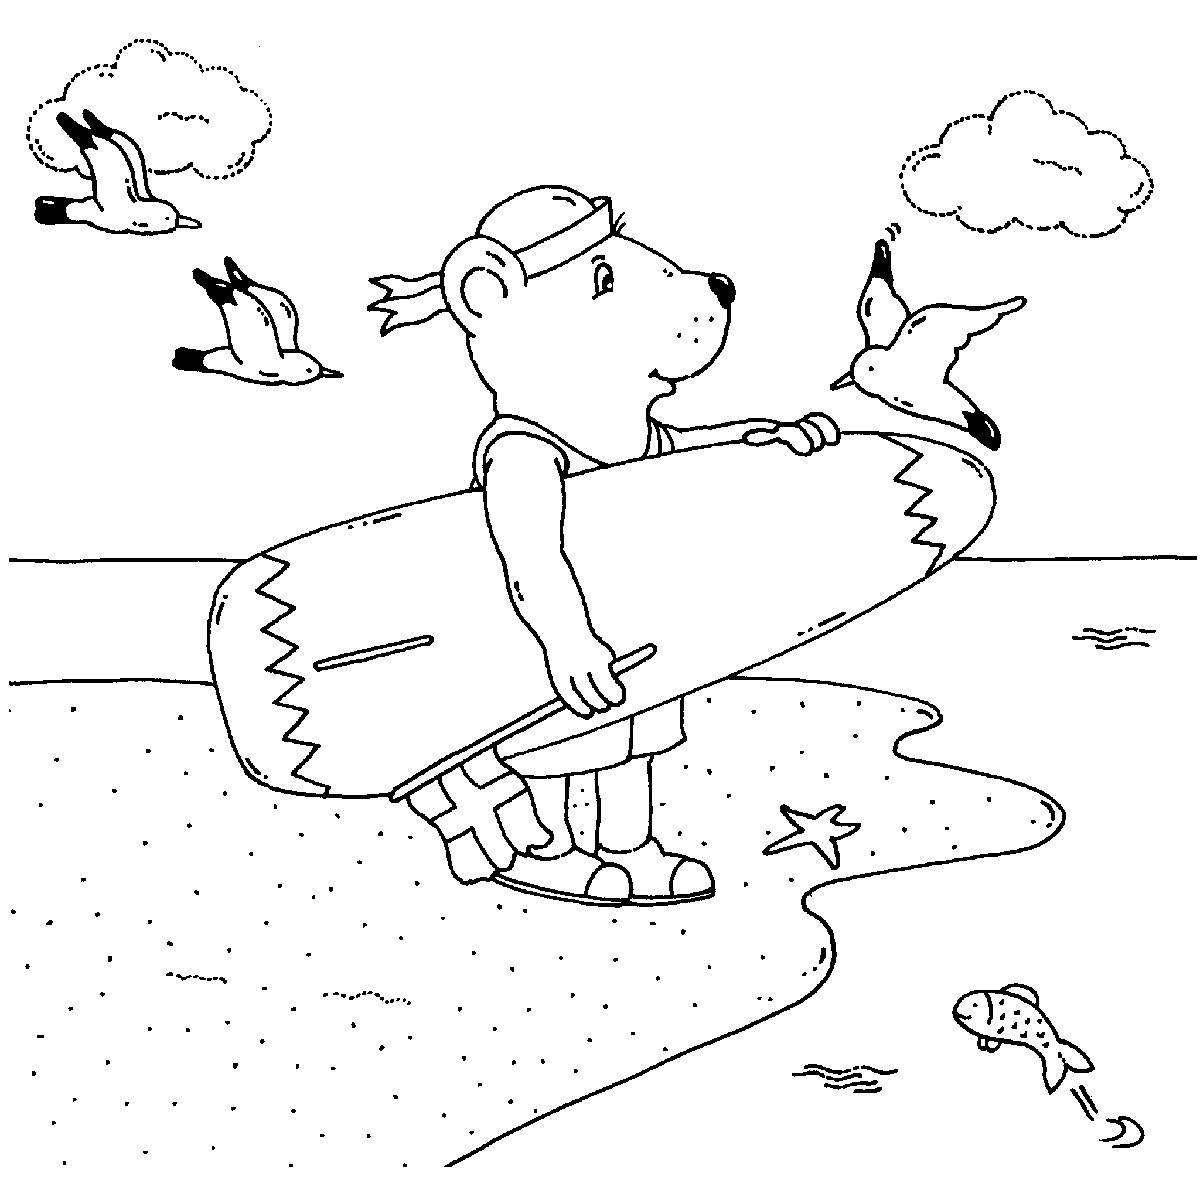 Ausmalbild Urlaub und Reisen: Bär mit Surfbrett kostenlos ausdrucken